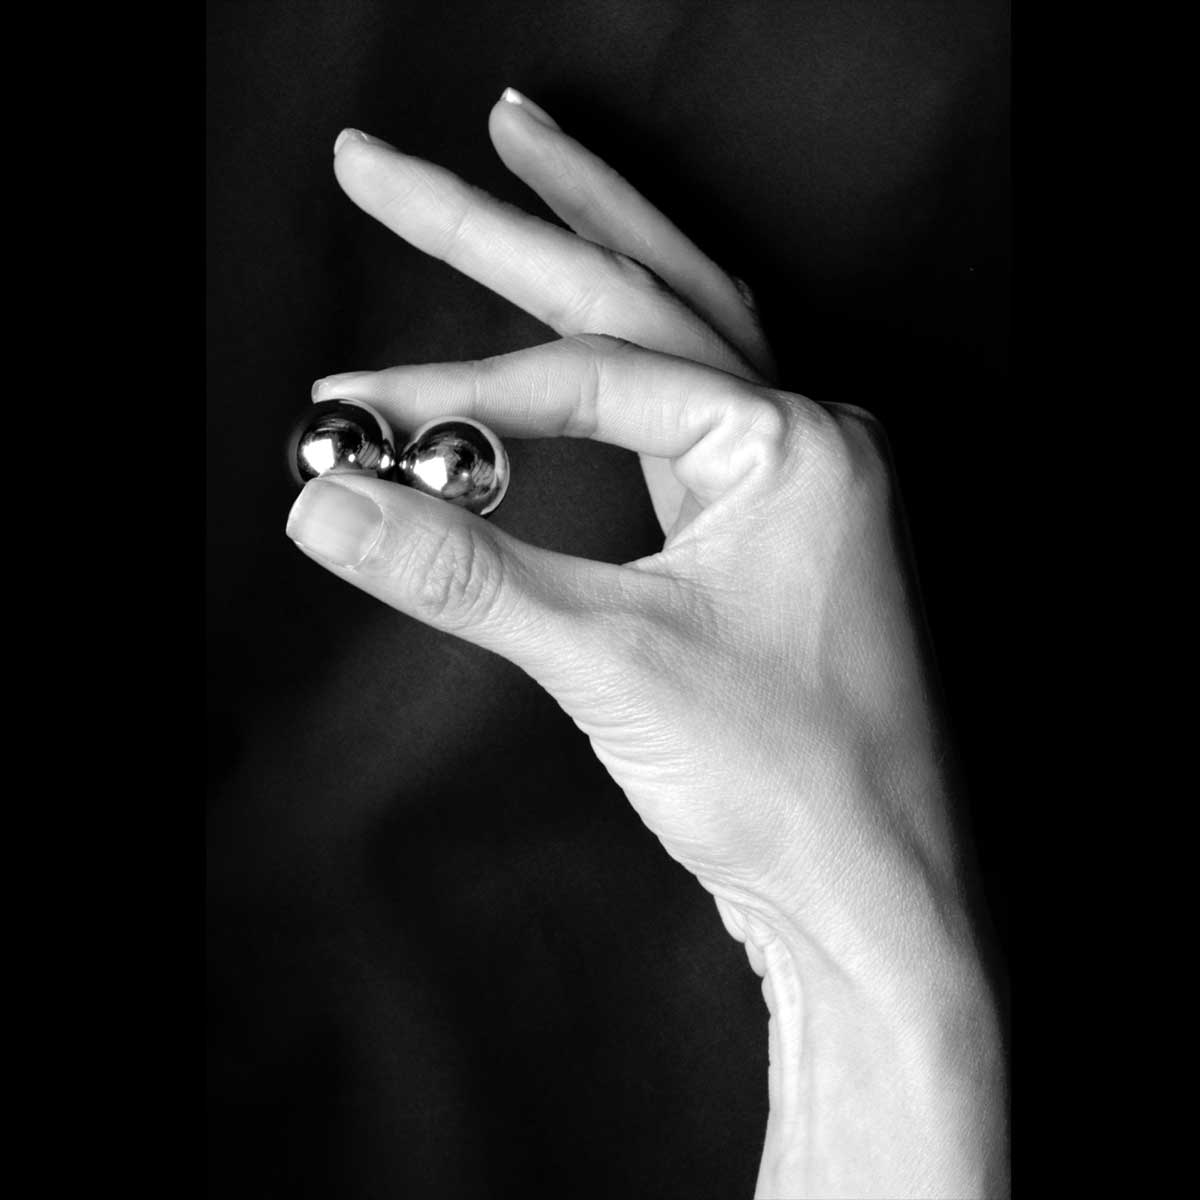 Вагинальные утяжелённые шарики без сцепки - фото 449789